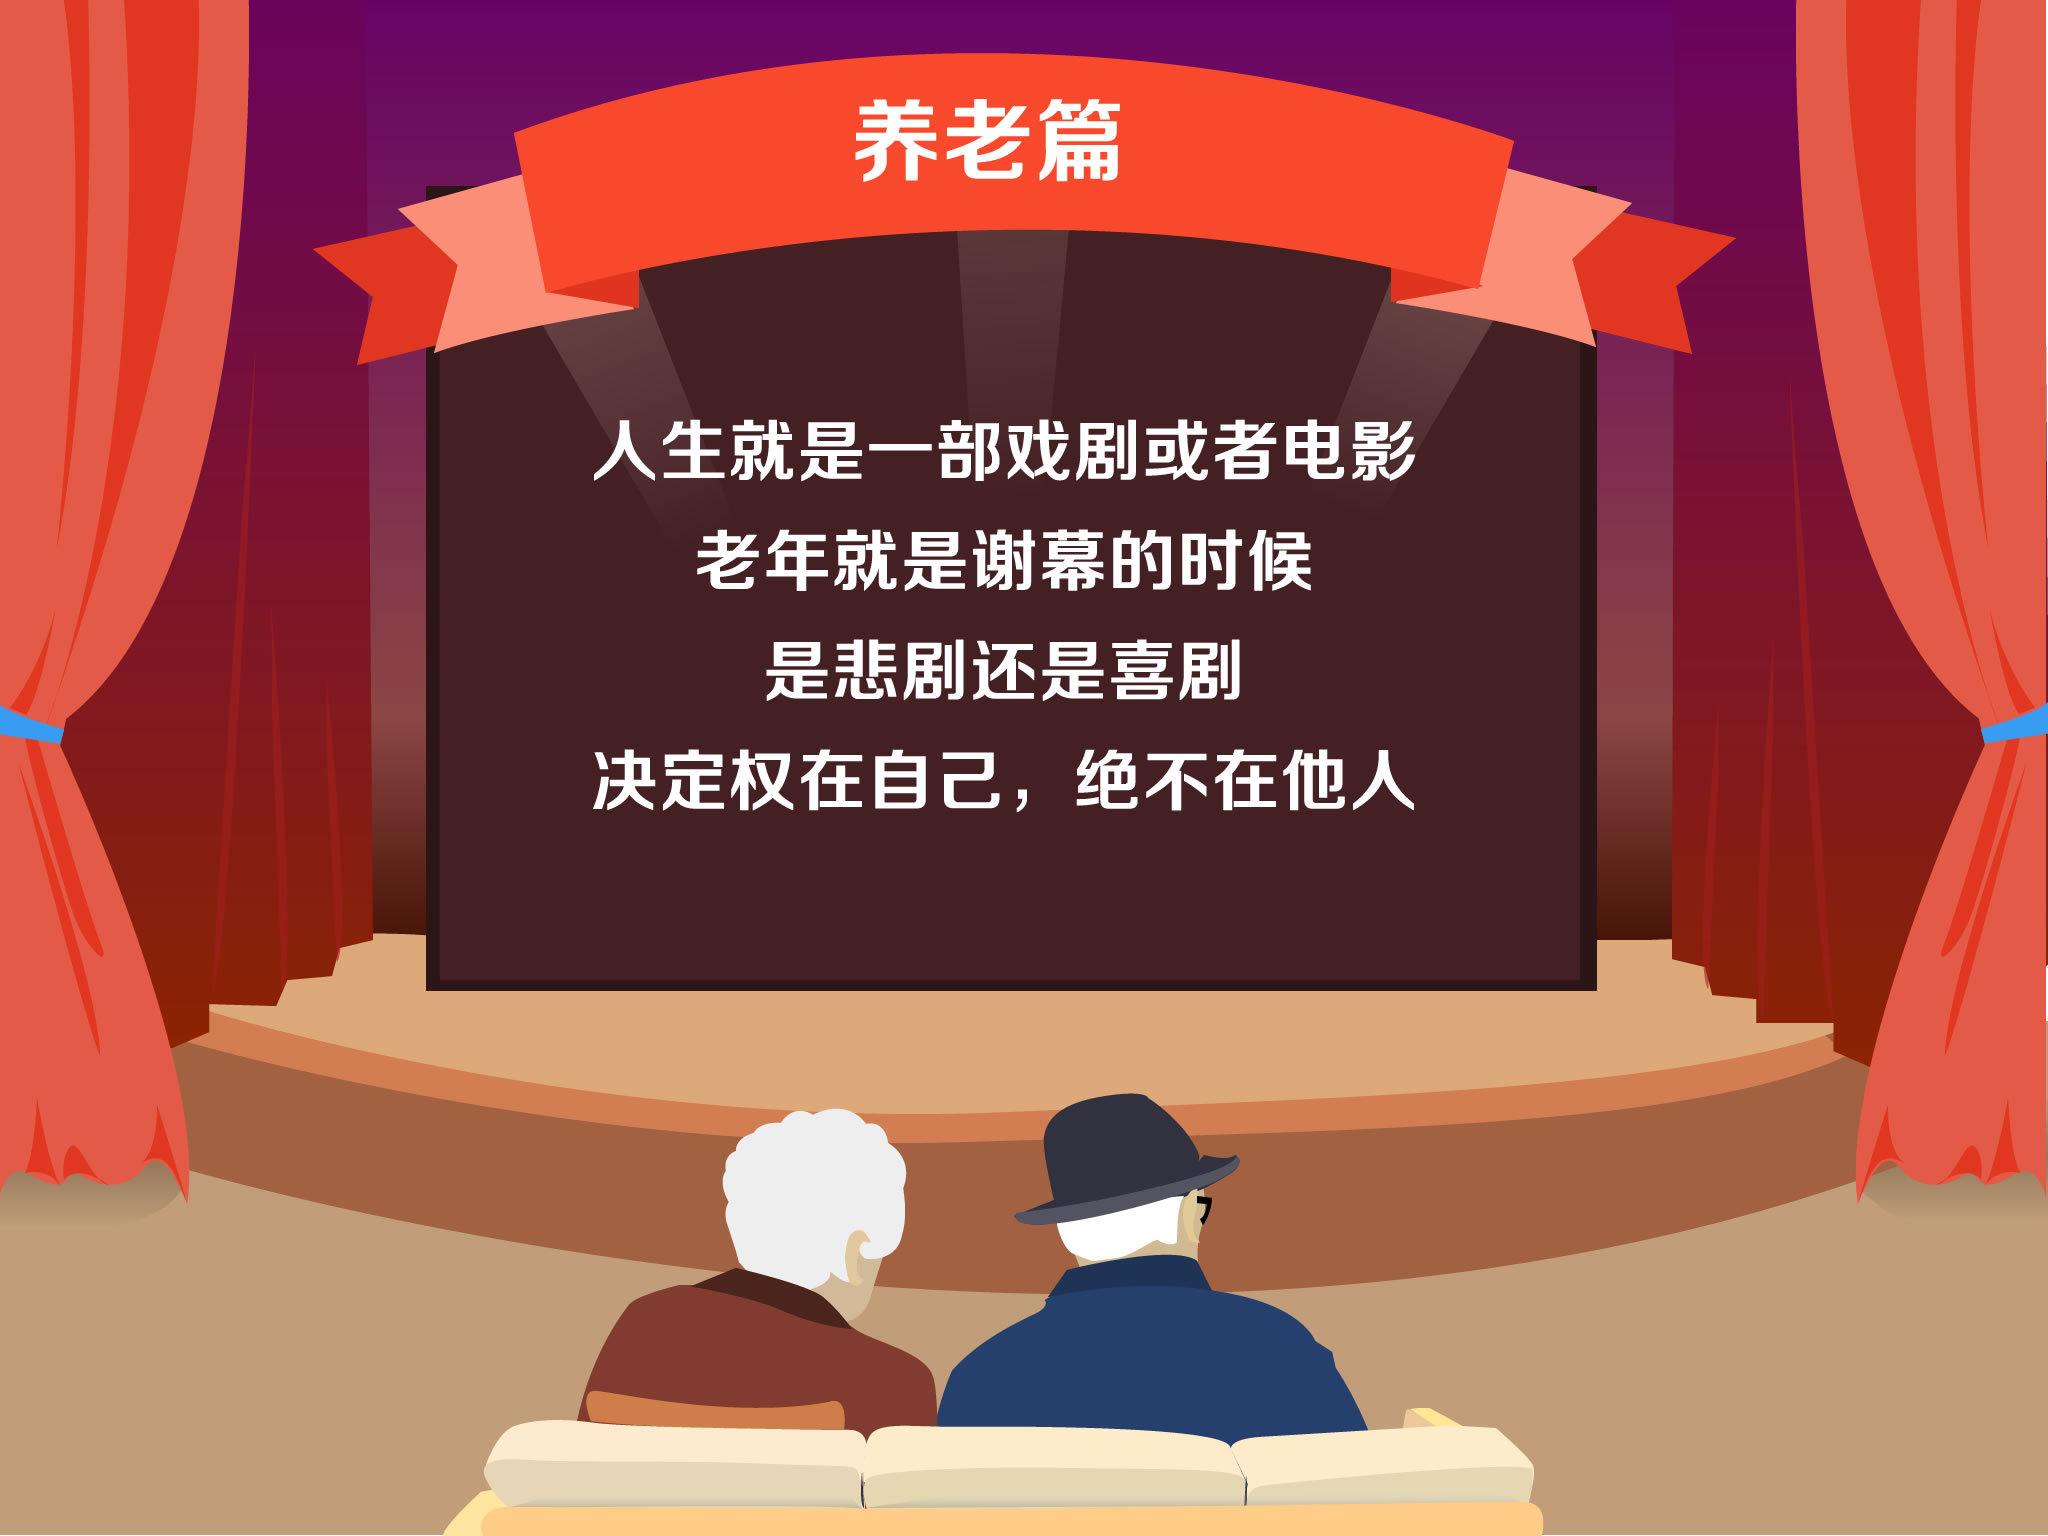 保险理念h5|平面|宣传品|littleyang - 原创作品图片